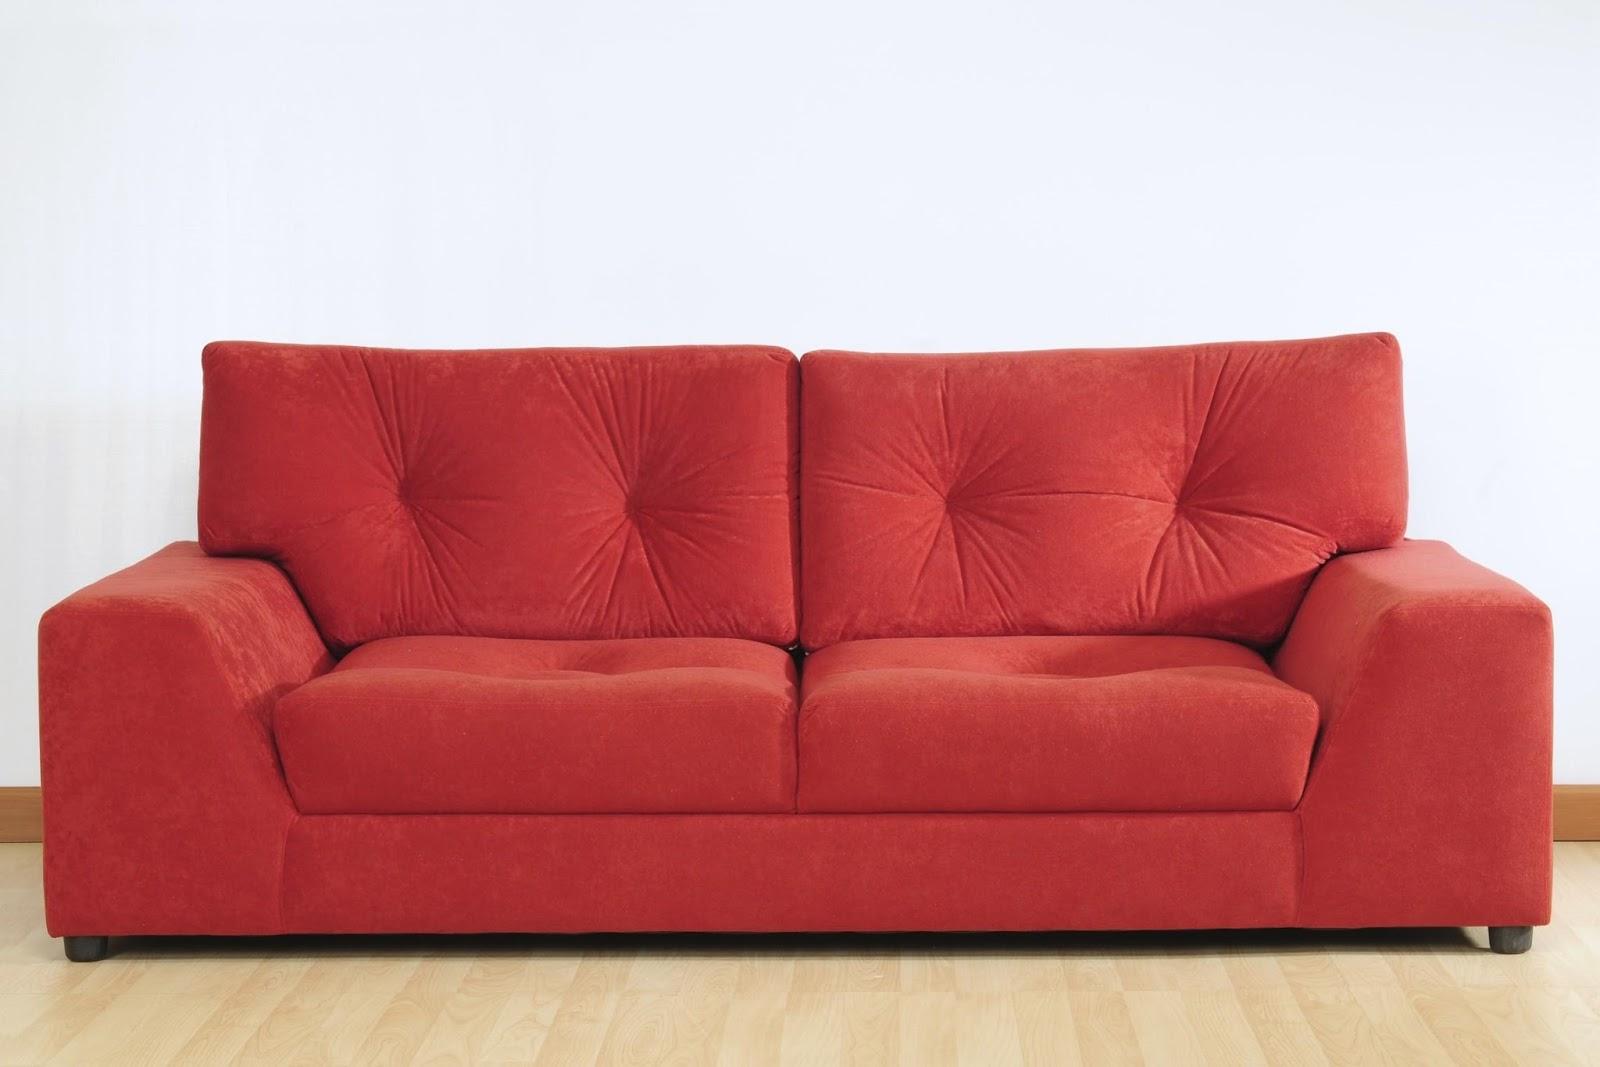 Traslochi e Trasporti: Trasporto divano a basso costo